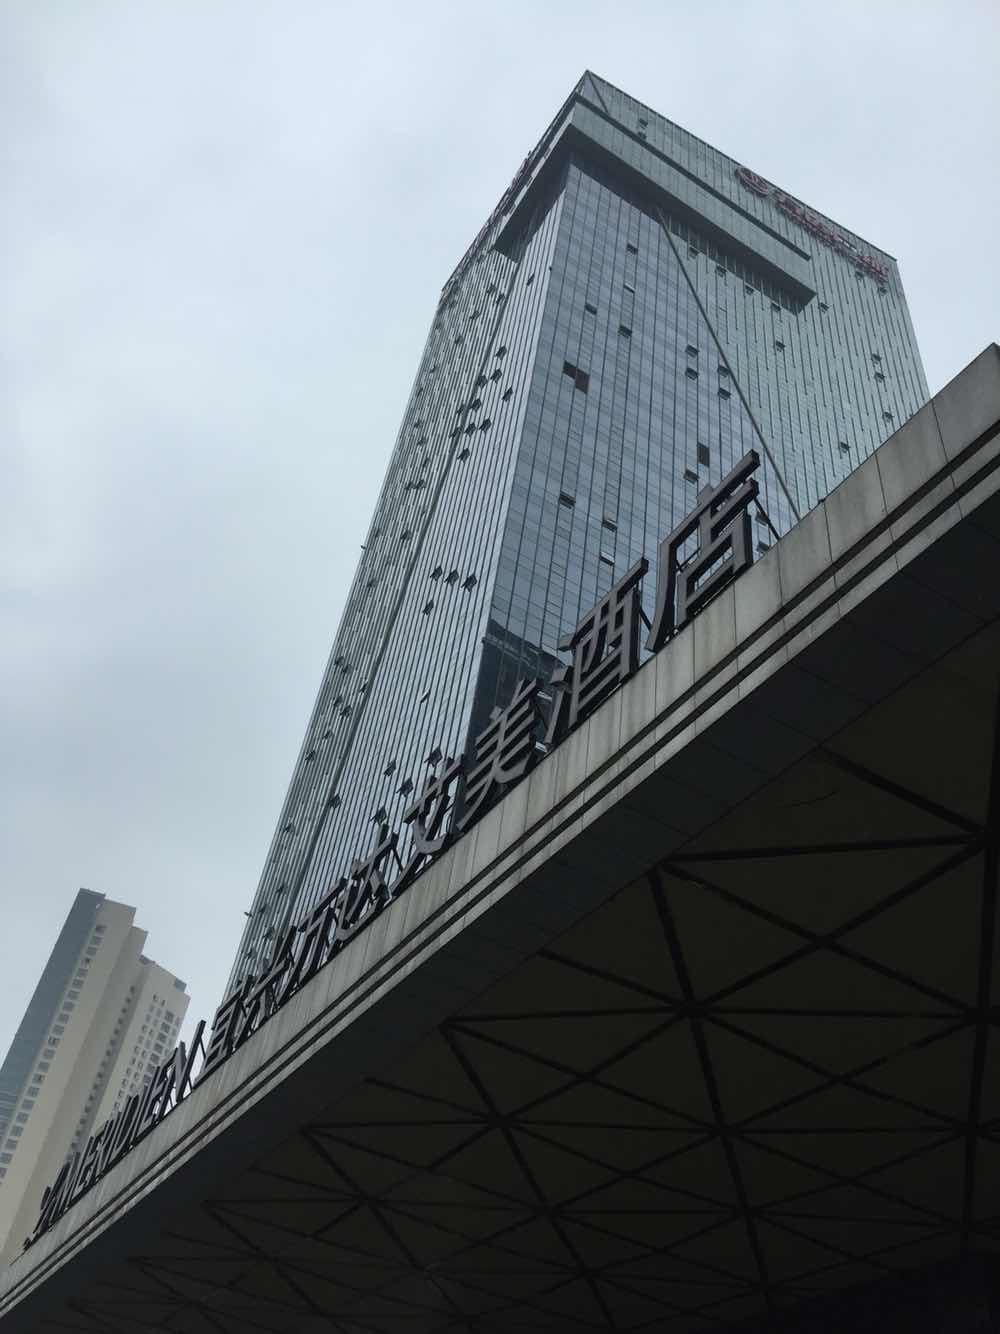 酒店预订宜兴酒店预定无锡万达艾美酒店预定送100分舒适5有必要用情趣图片